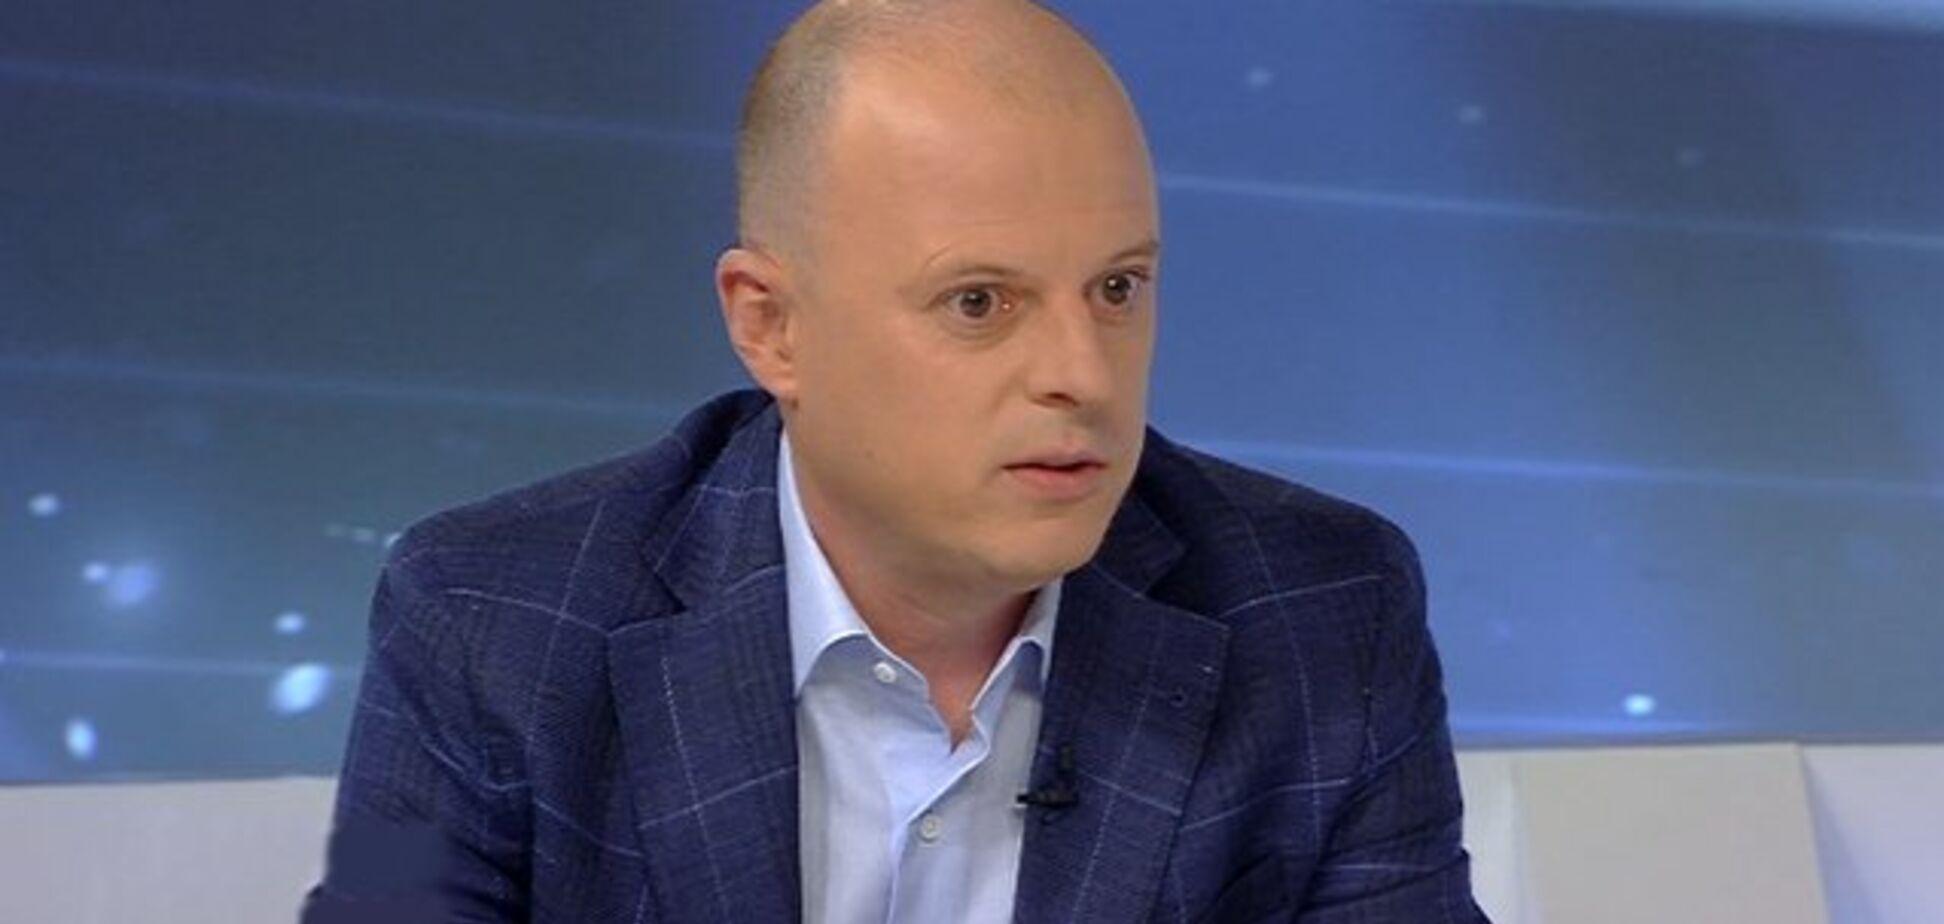 'Вот не*ер делать': Вацко подколол Люксембург за официальный протест по сборной Украины